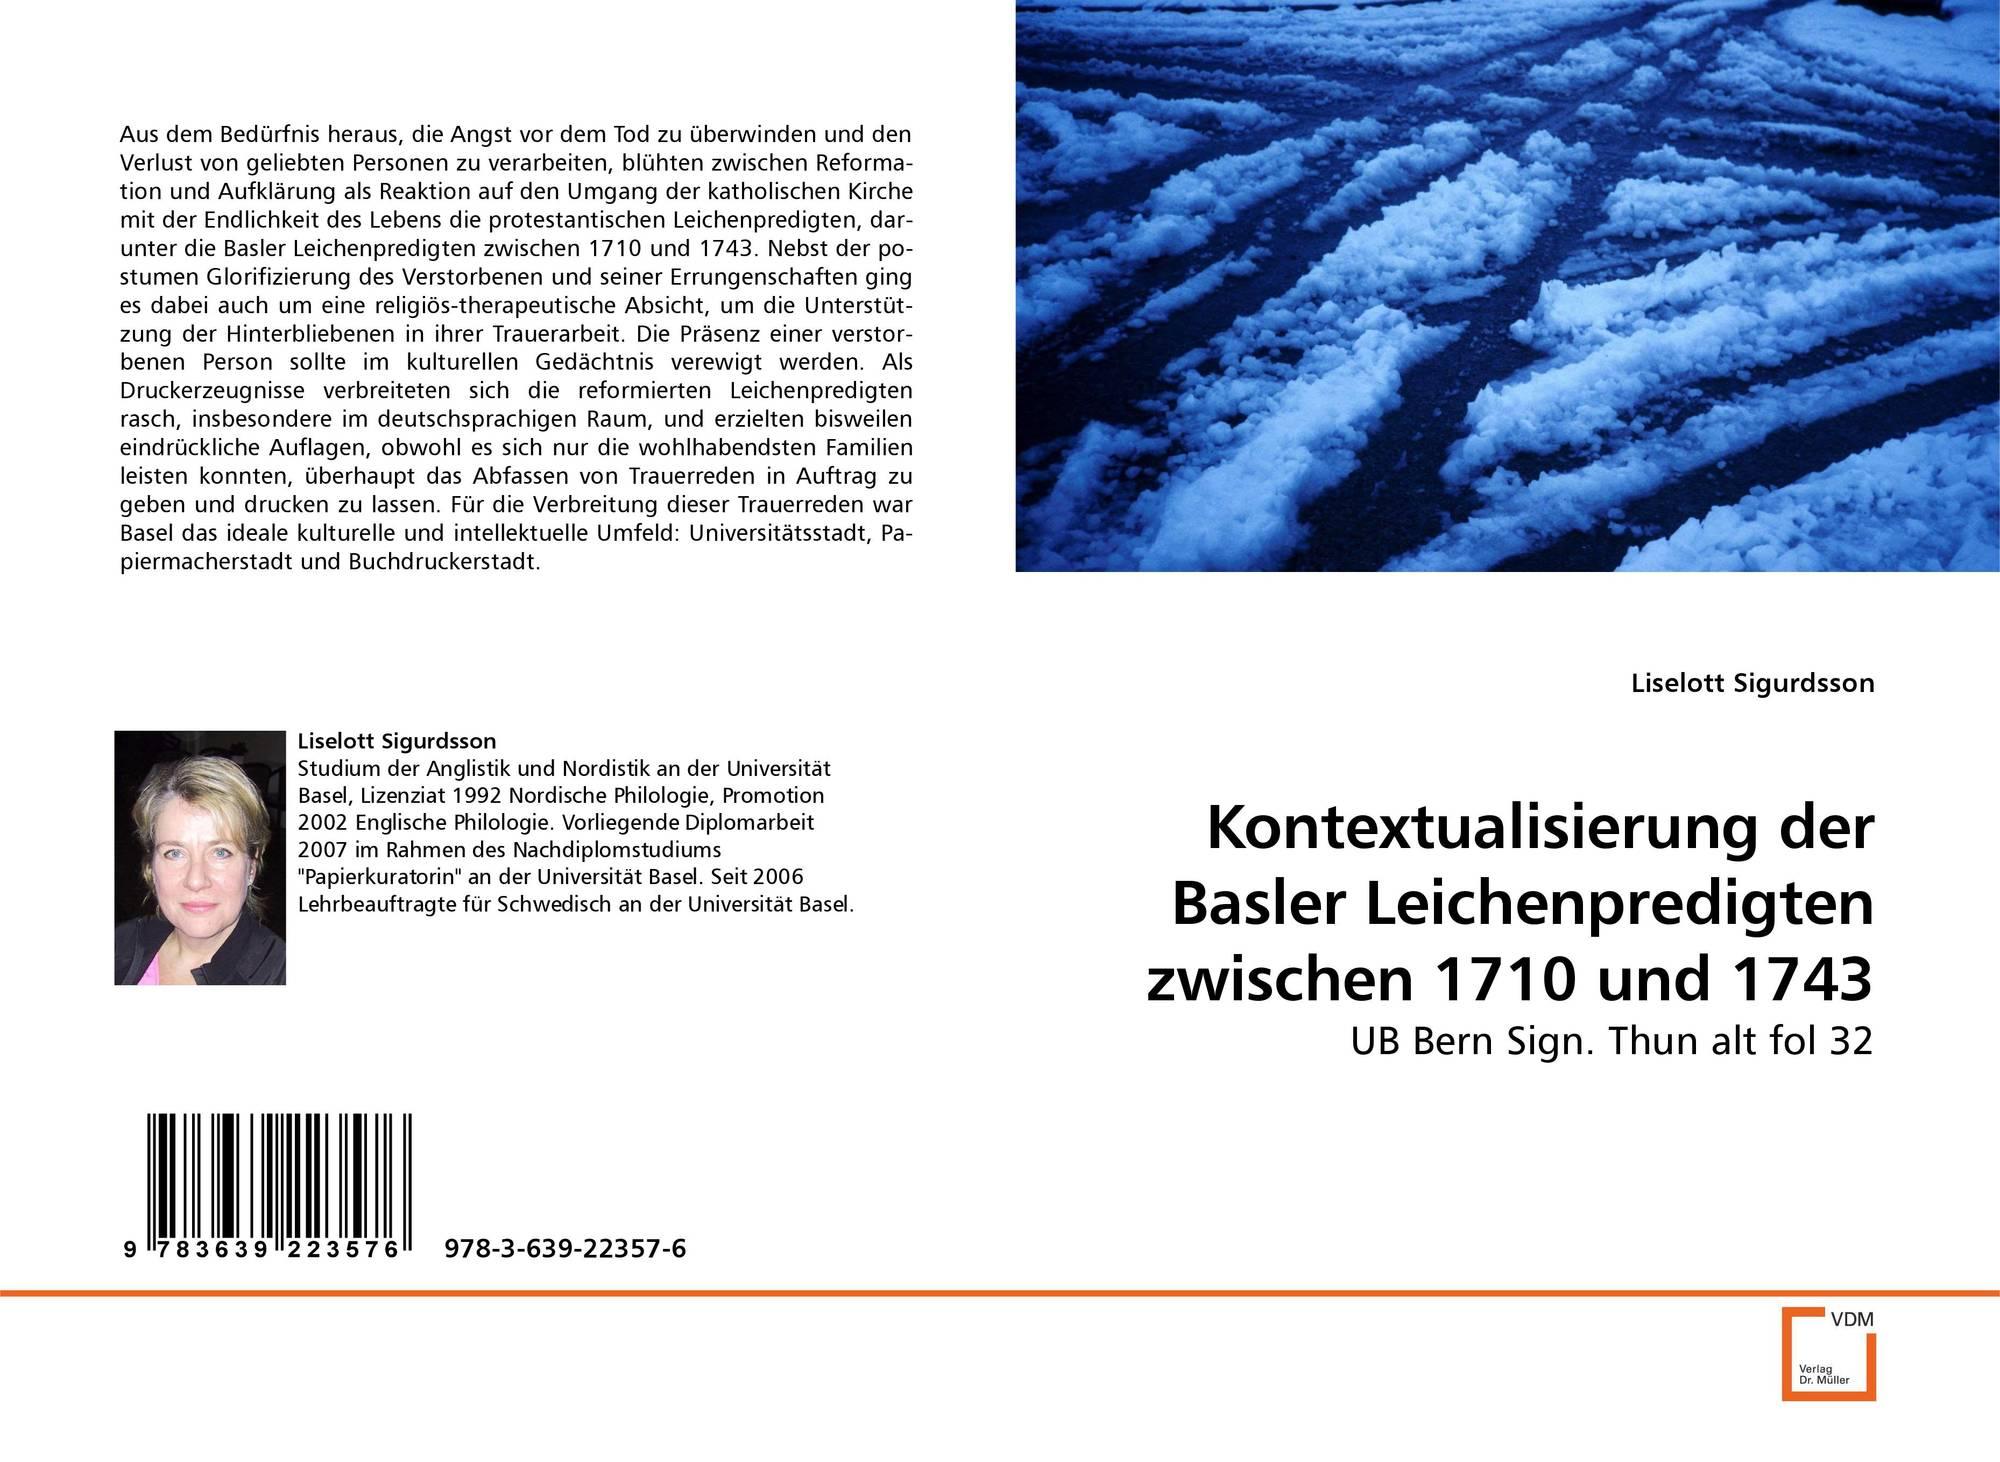 Kontextualisierung der Basler Leichenpredigten zwischen 1710 und ...